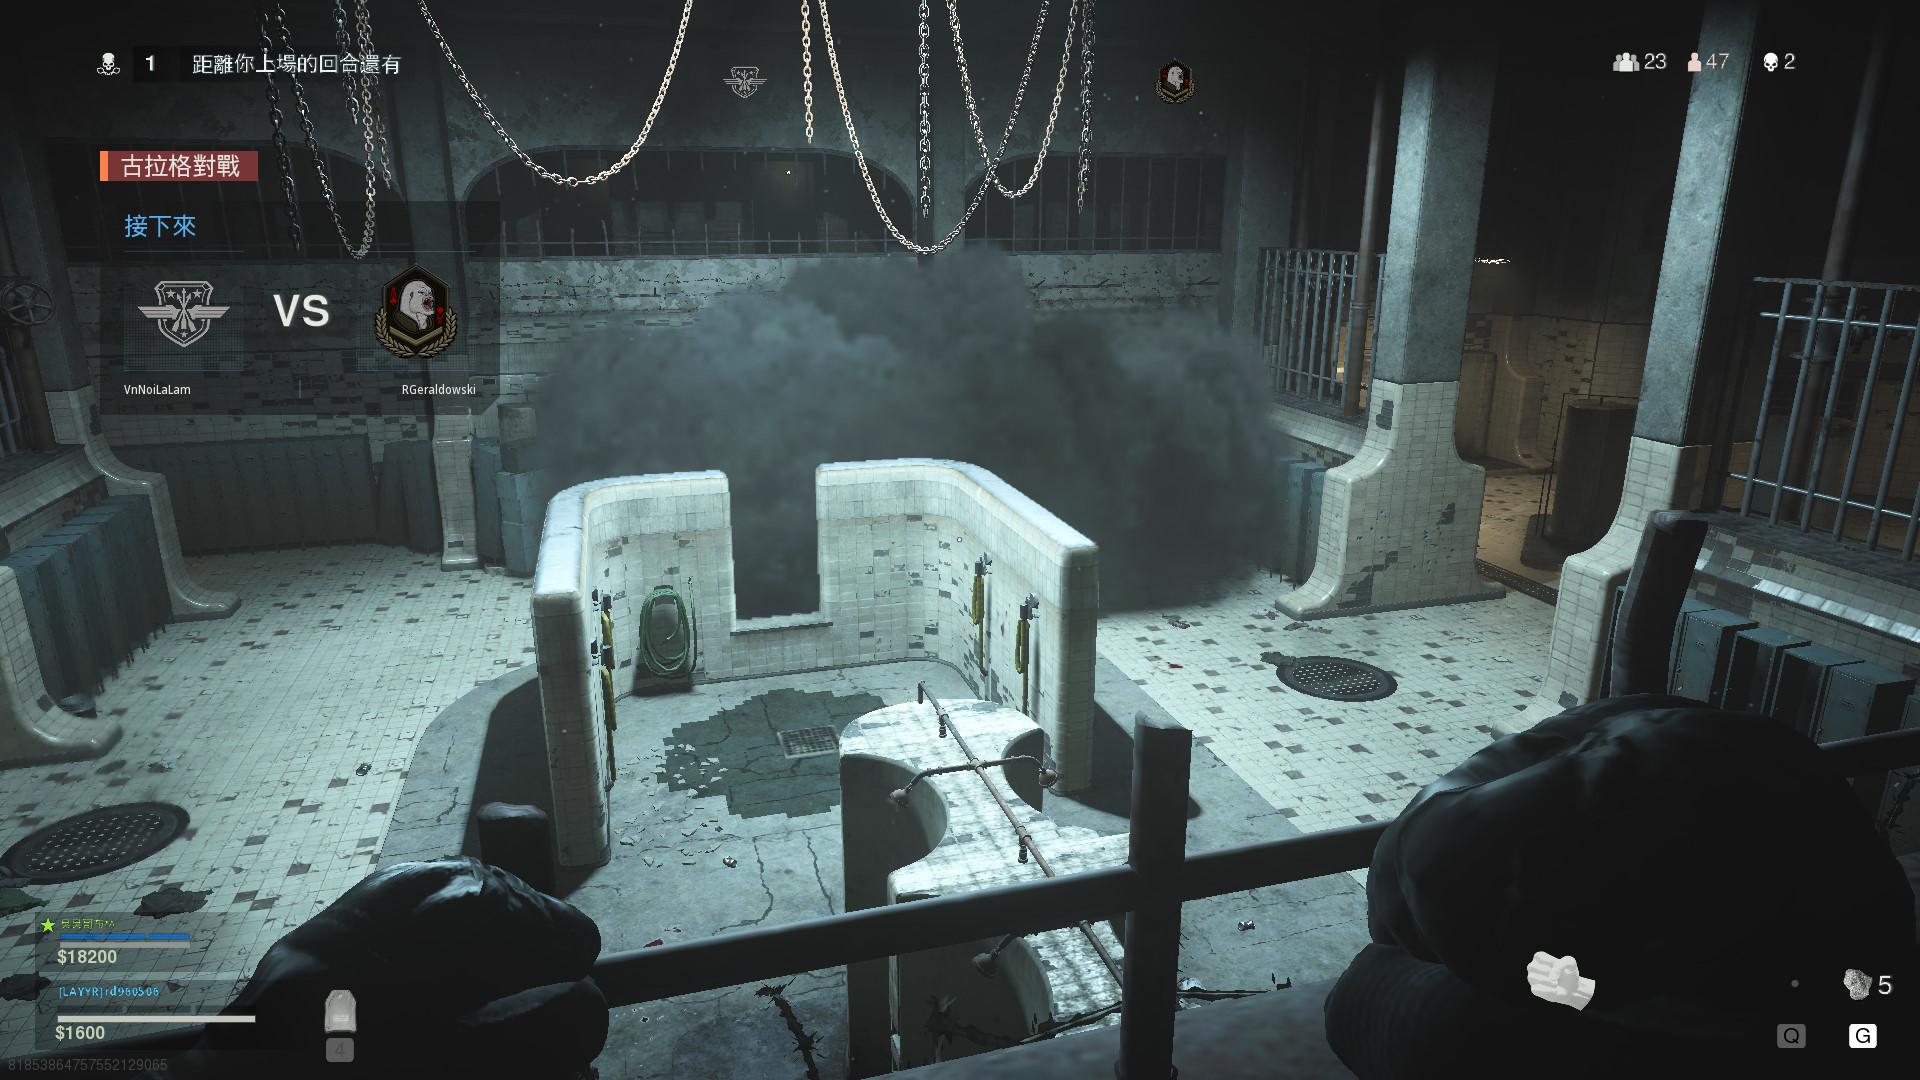 《使命召唤:战区》评测:顶级IP能否挽救快凉透了的大逃杀